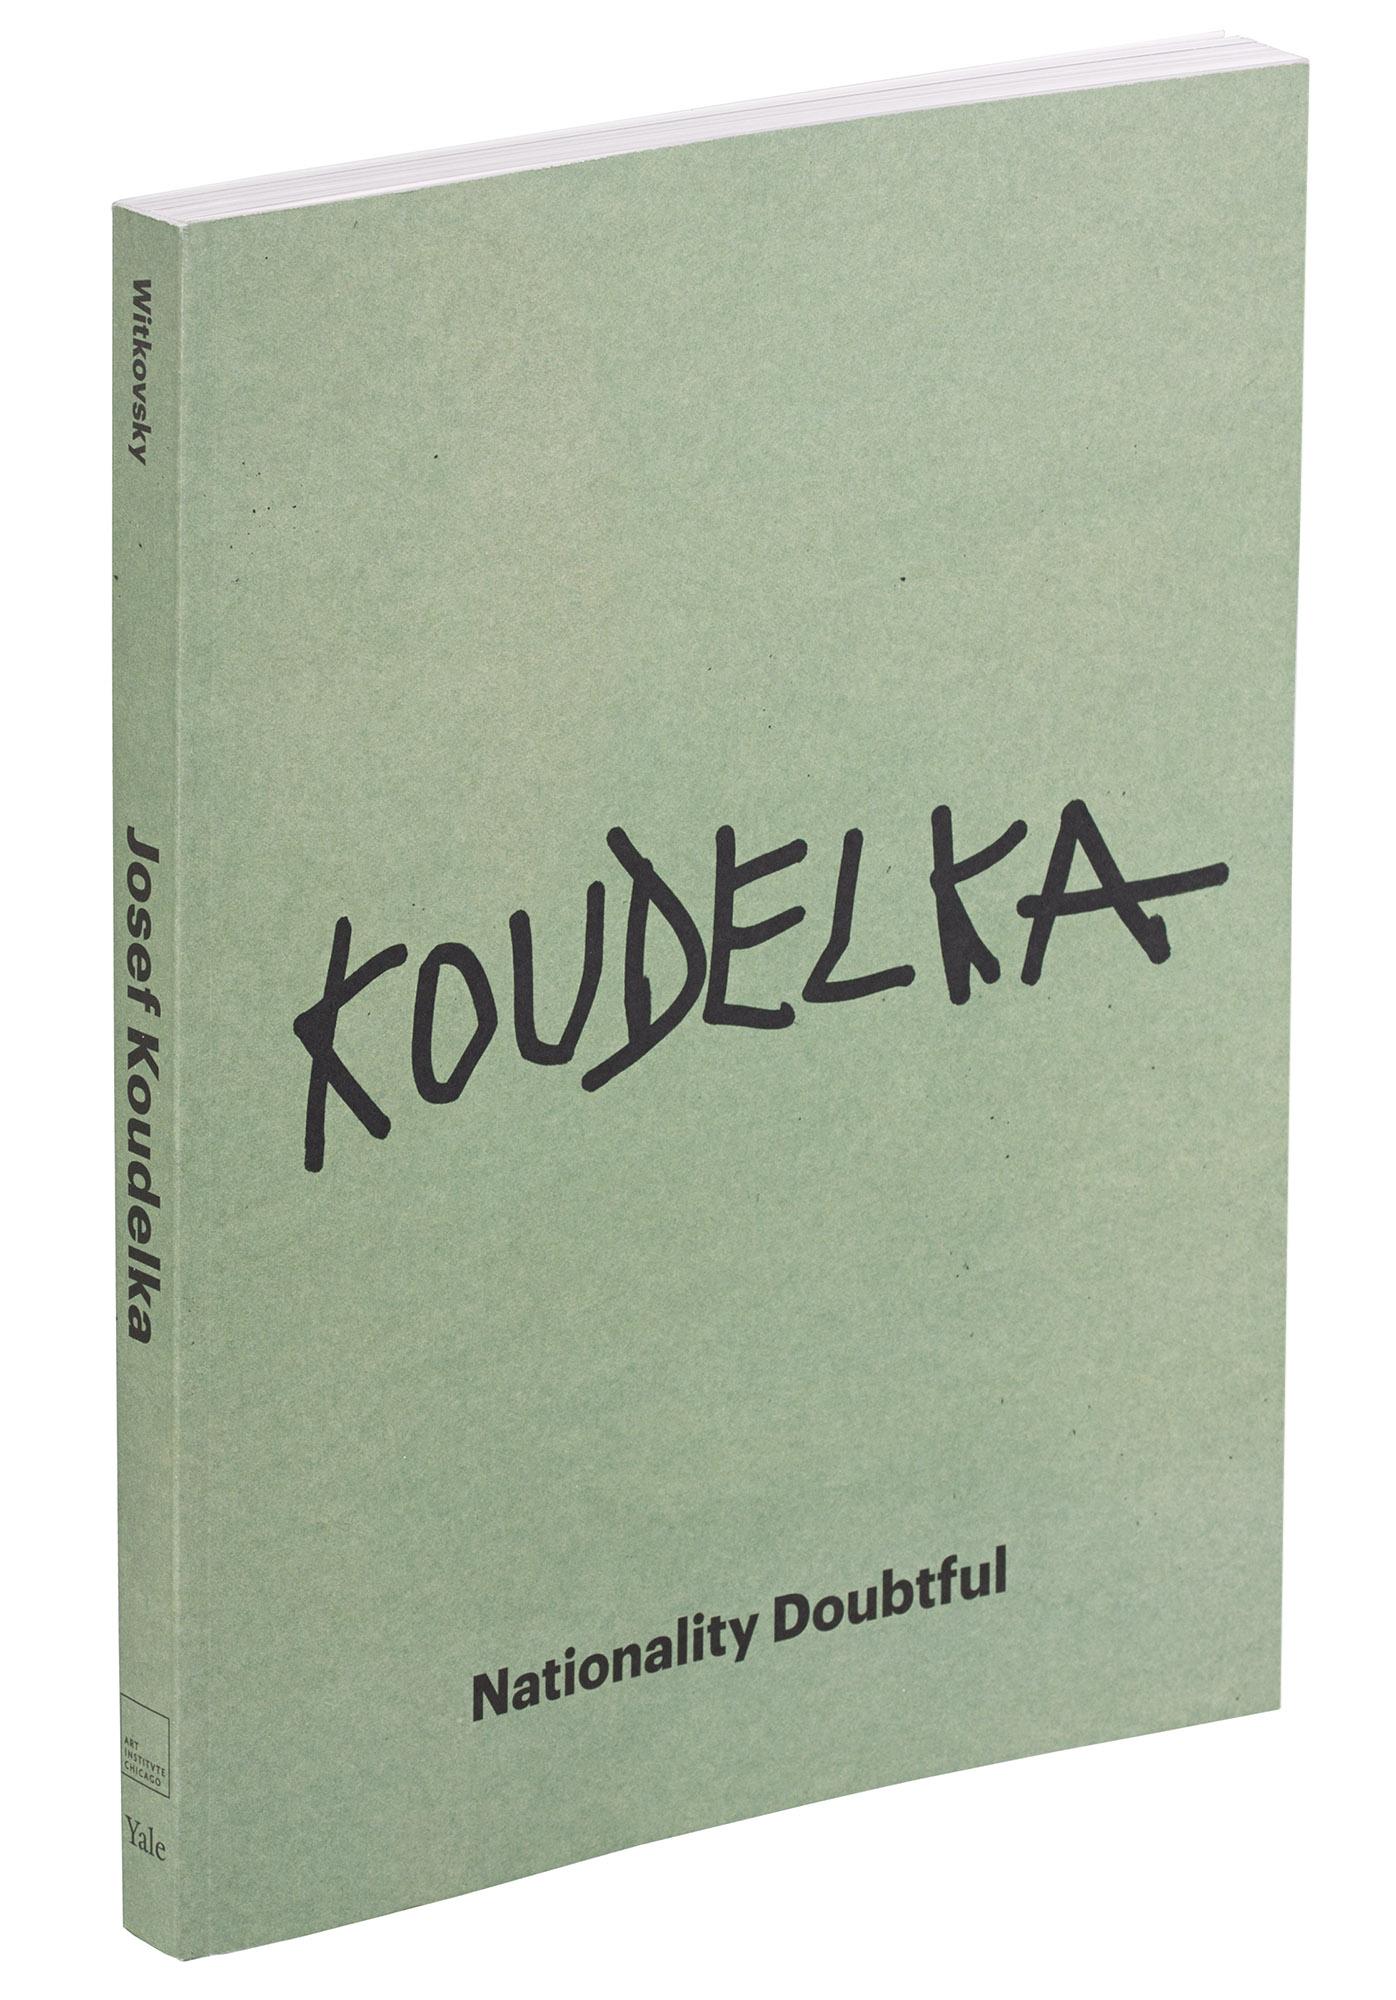 Josef Koudelka: Nationality Doubtful